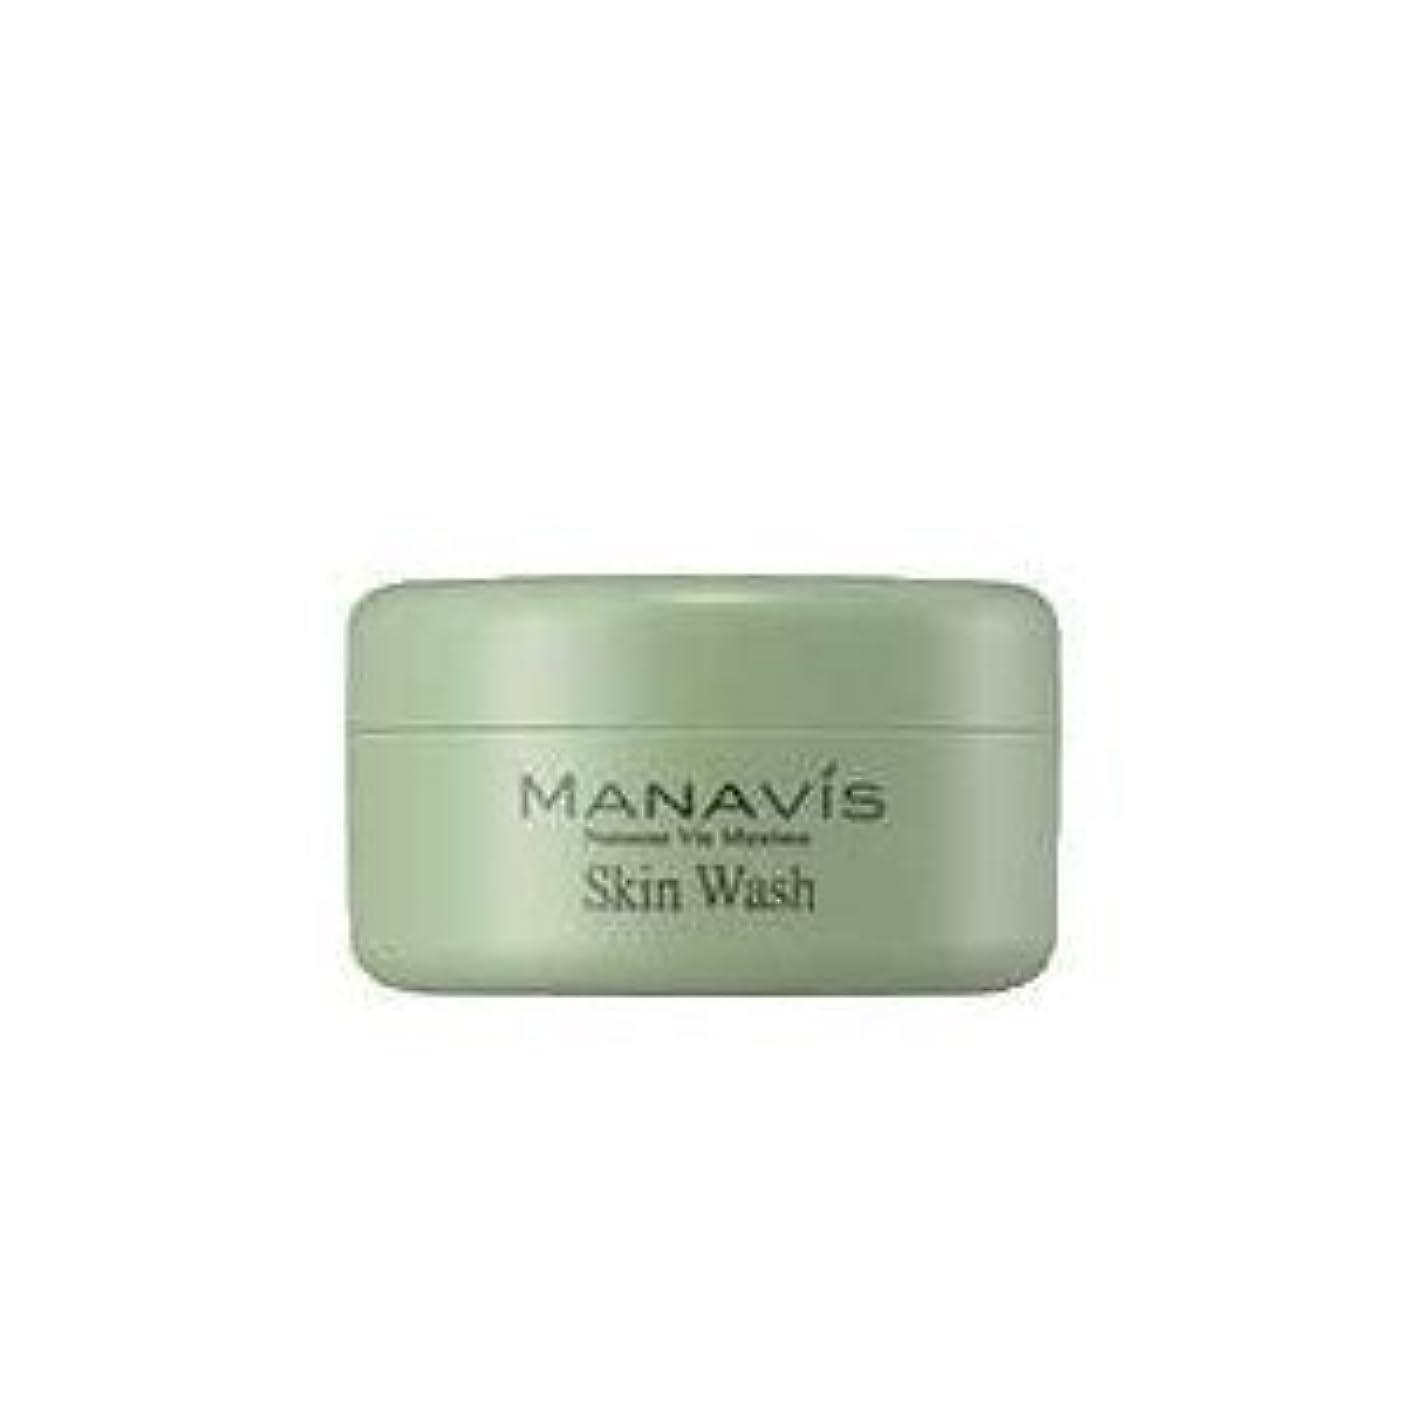 間違っている要旨統治可能MANAVIS マナビス化粧品 薬用スキンウォッシュ d